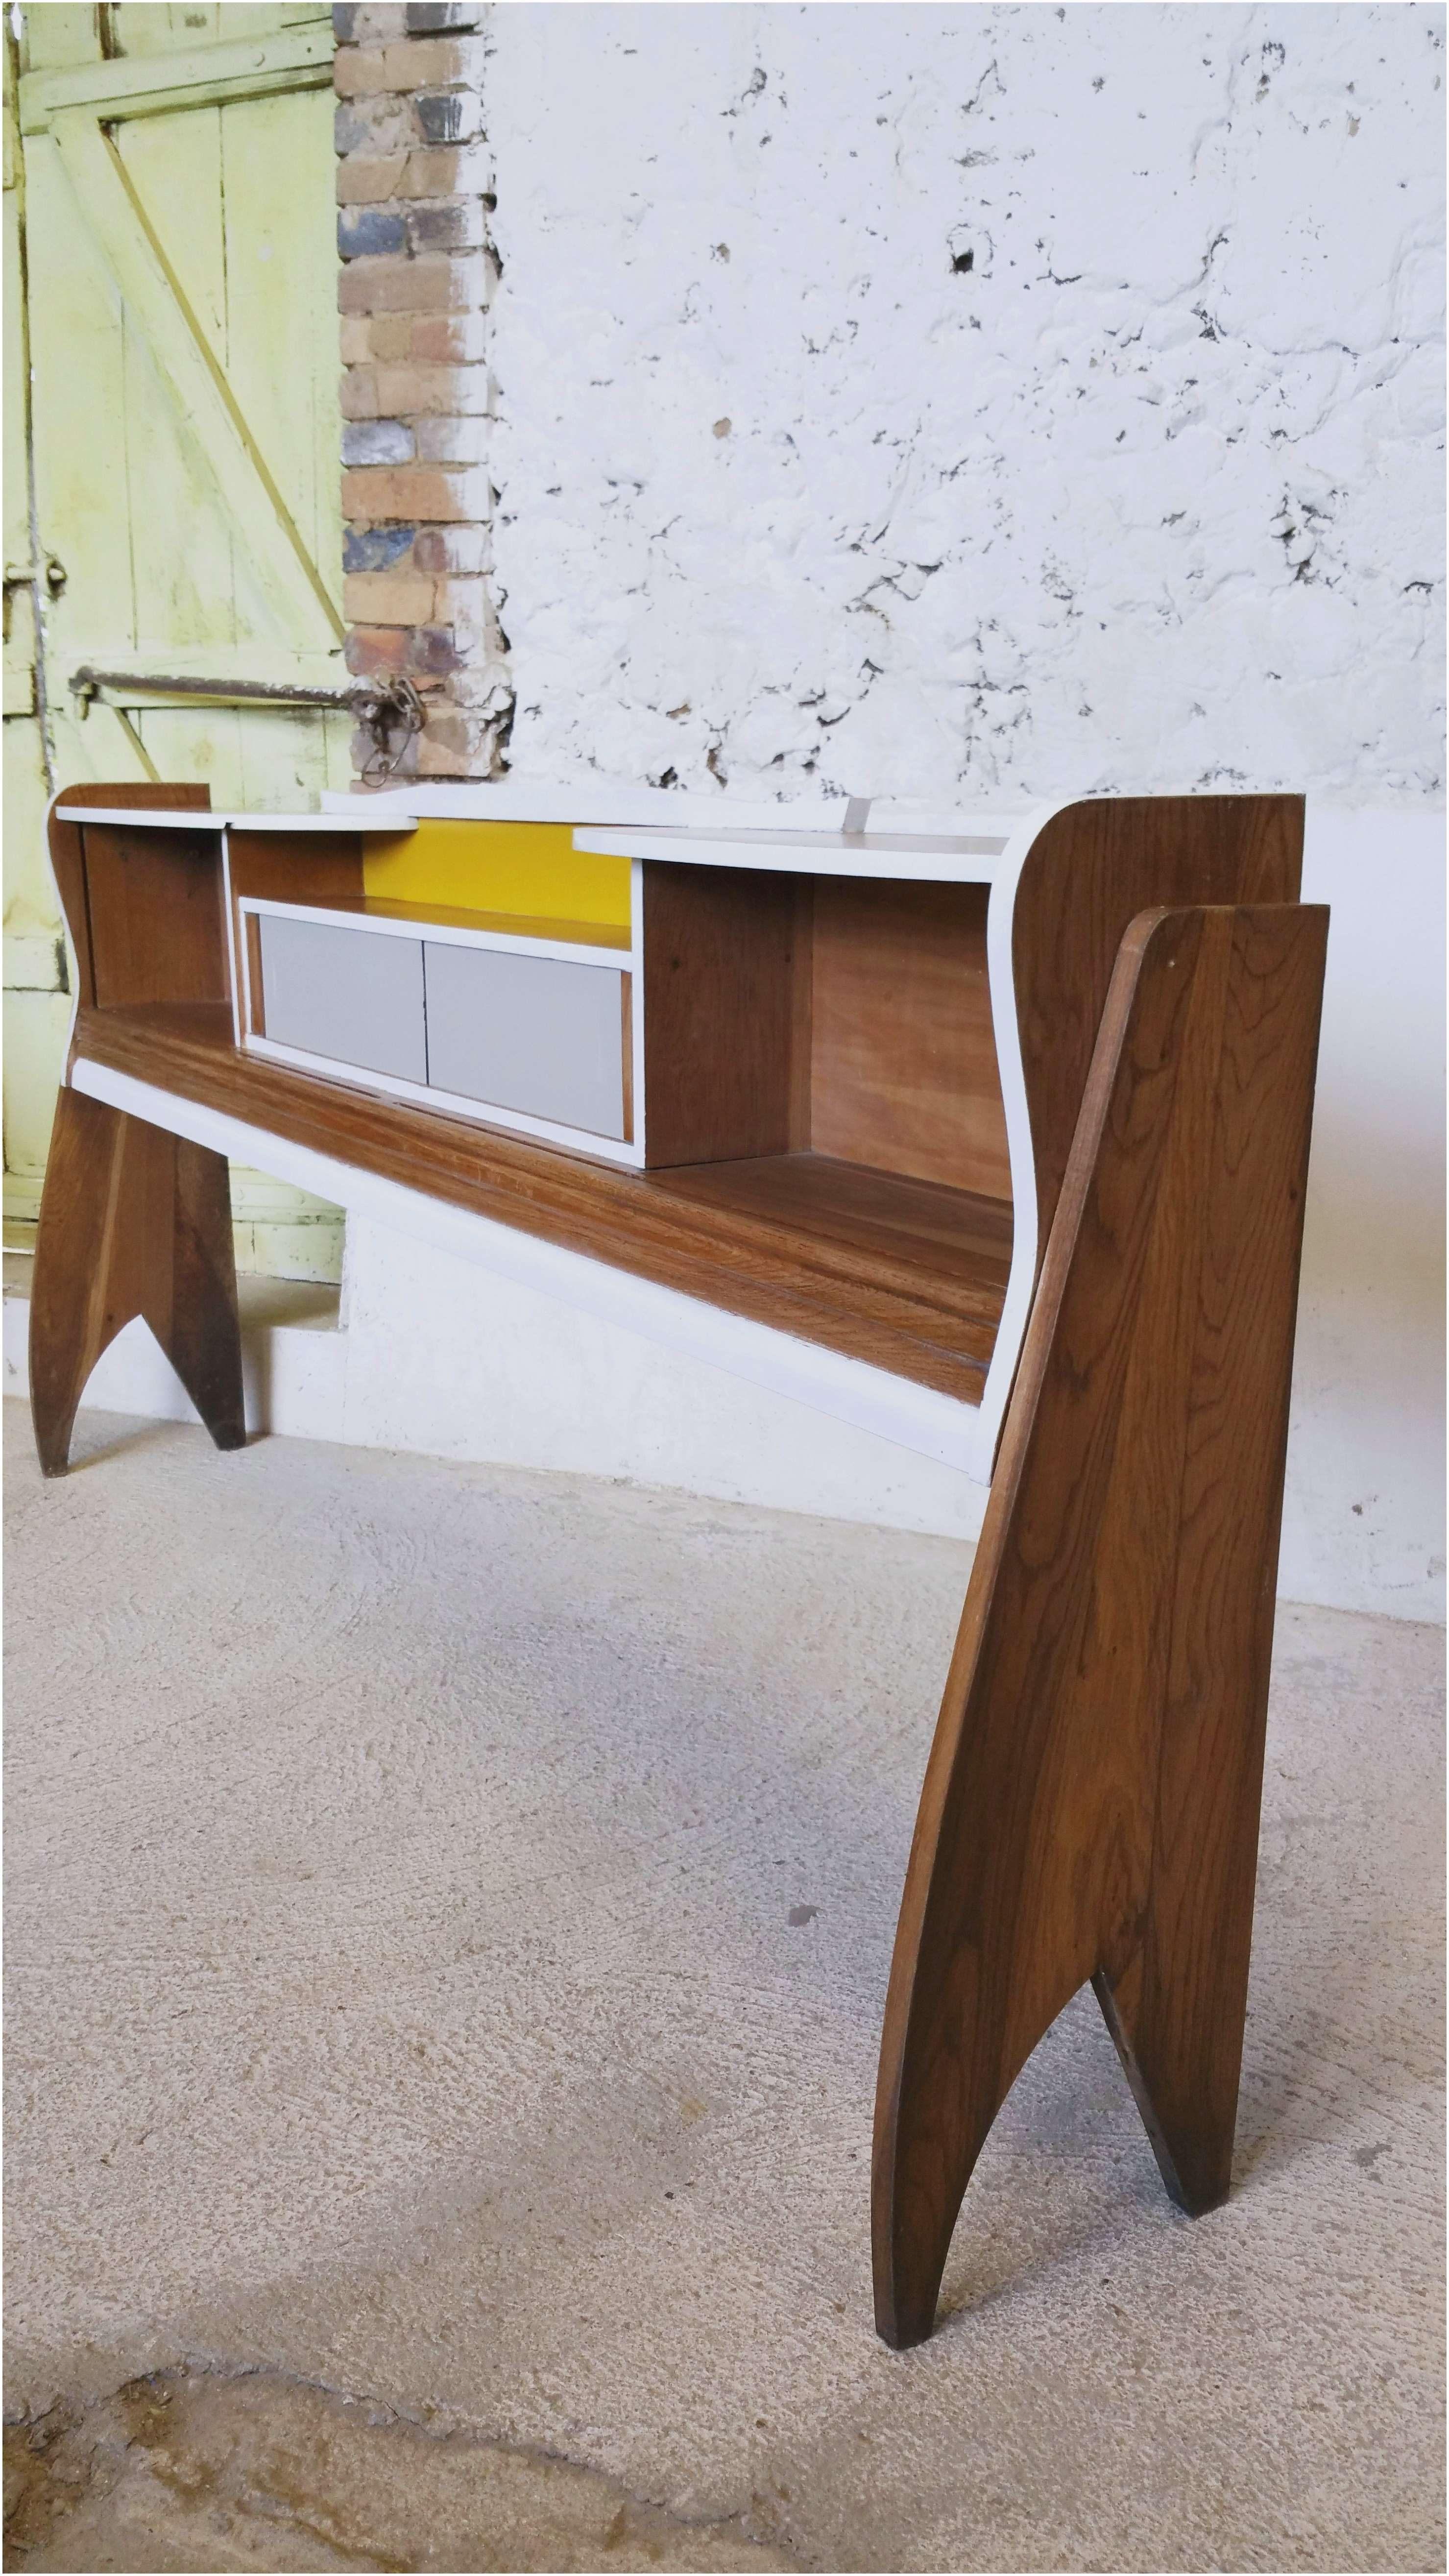 Rehausseur De Lit Ikea Génial Luxe Bureau 160—80 Unique Buromobel Gebraucht Ikea Schreib Od